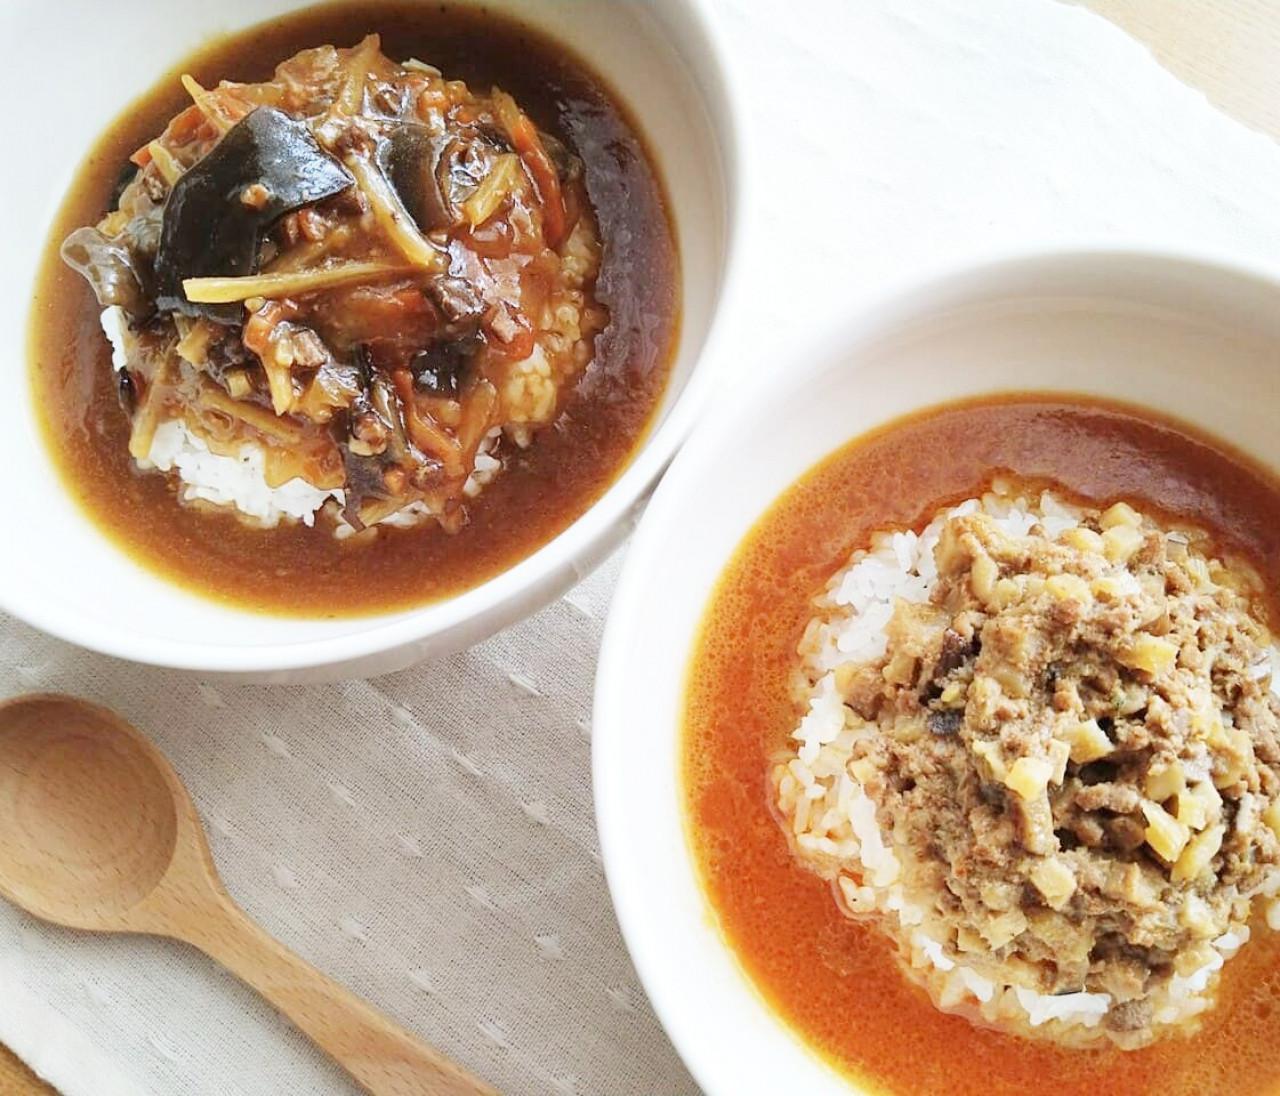 【無印良品】の中華レトルトで手軽に在宅ランチ♪「胡麻味噌担々スープ」と「酸辣湯(スーラータン)」が時短で美味しすぎる!